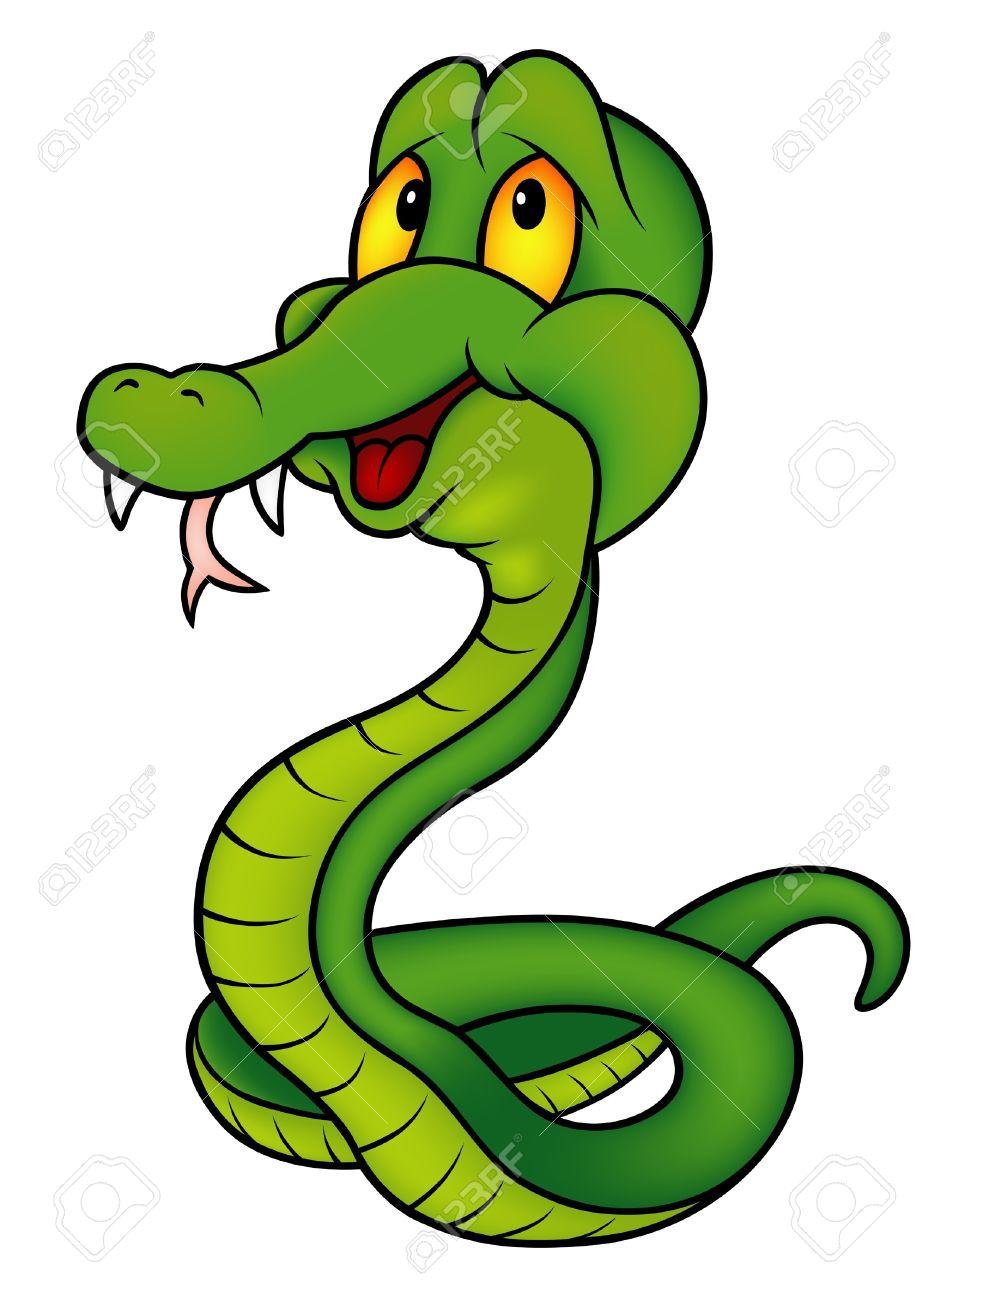 Verde Smiling Serpiente Ilustración De Color De Dibujos Animados